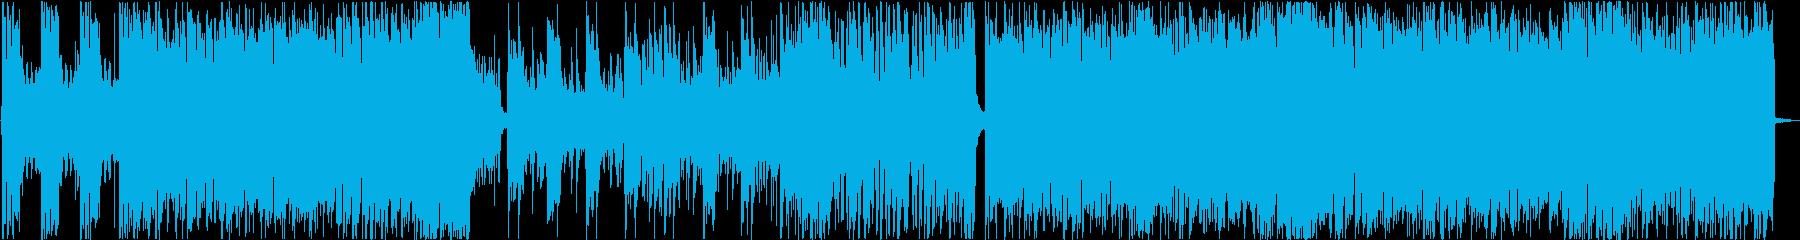 GAME】ヘビーなテーマ曲風ロックの再生済みの波形